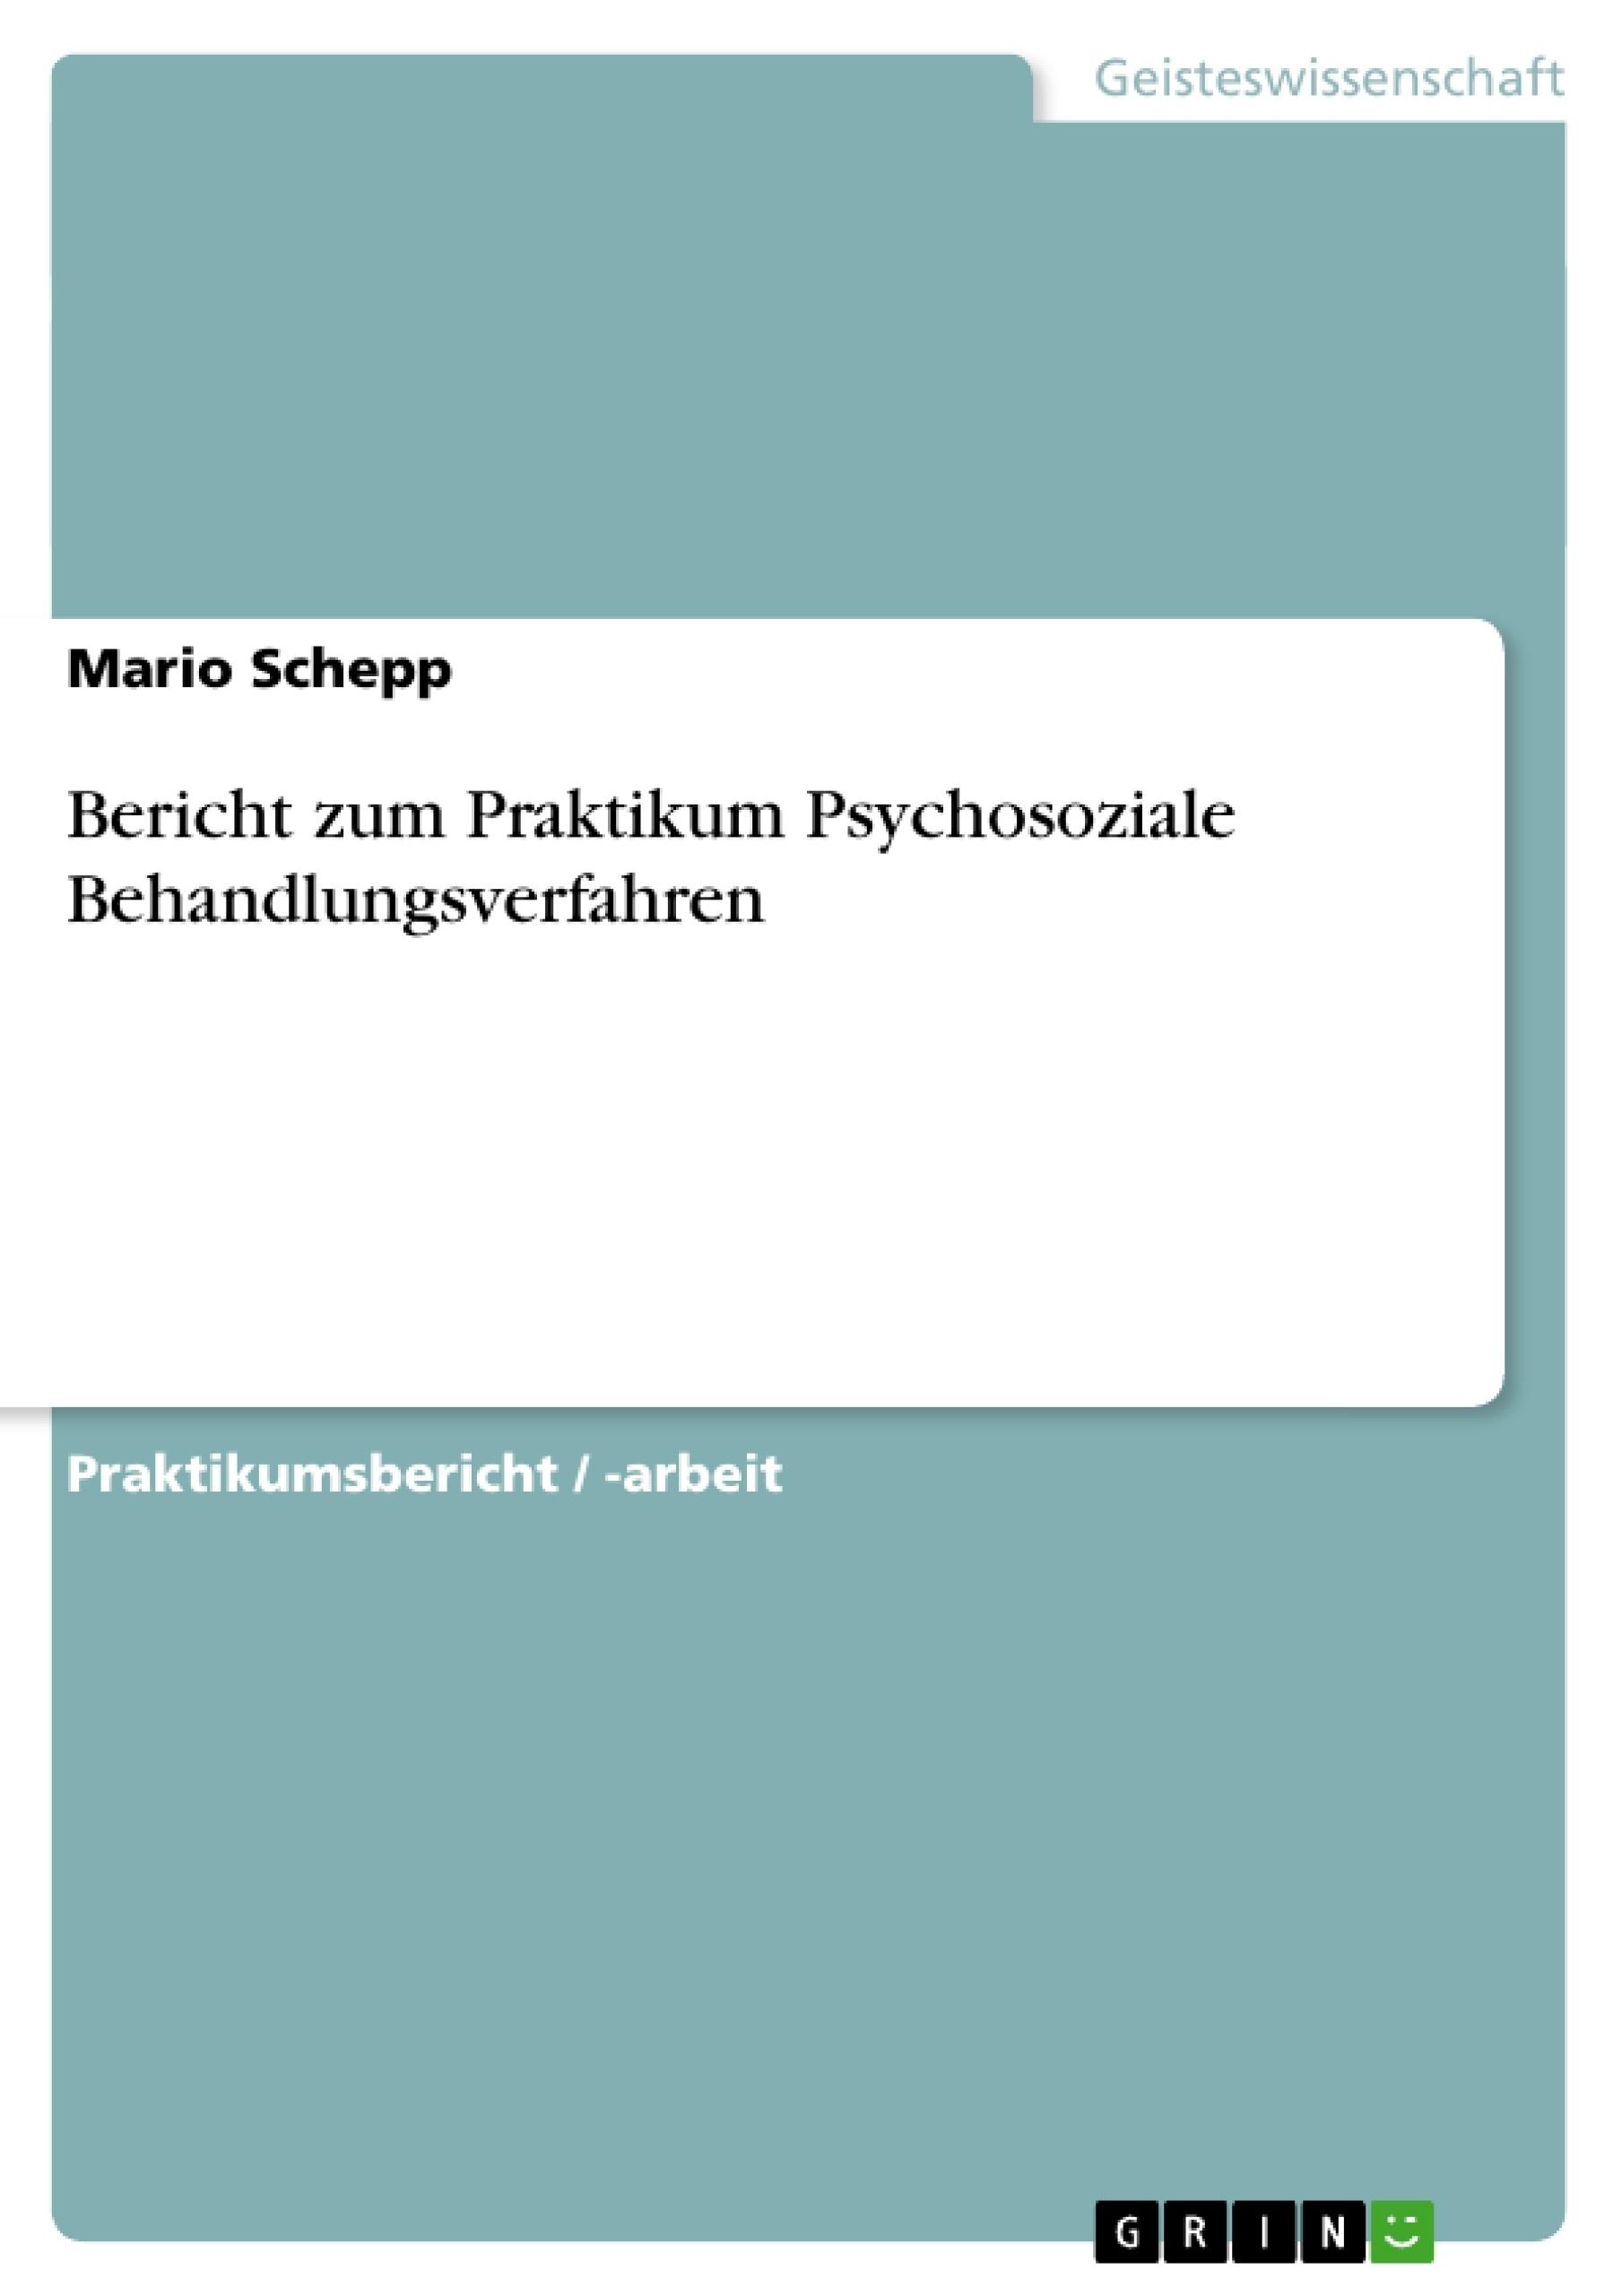 Titel: Bericht zum Praktikum Psychosoziale Behandlungsverfahren